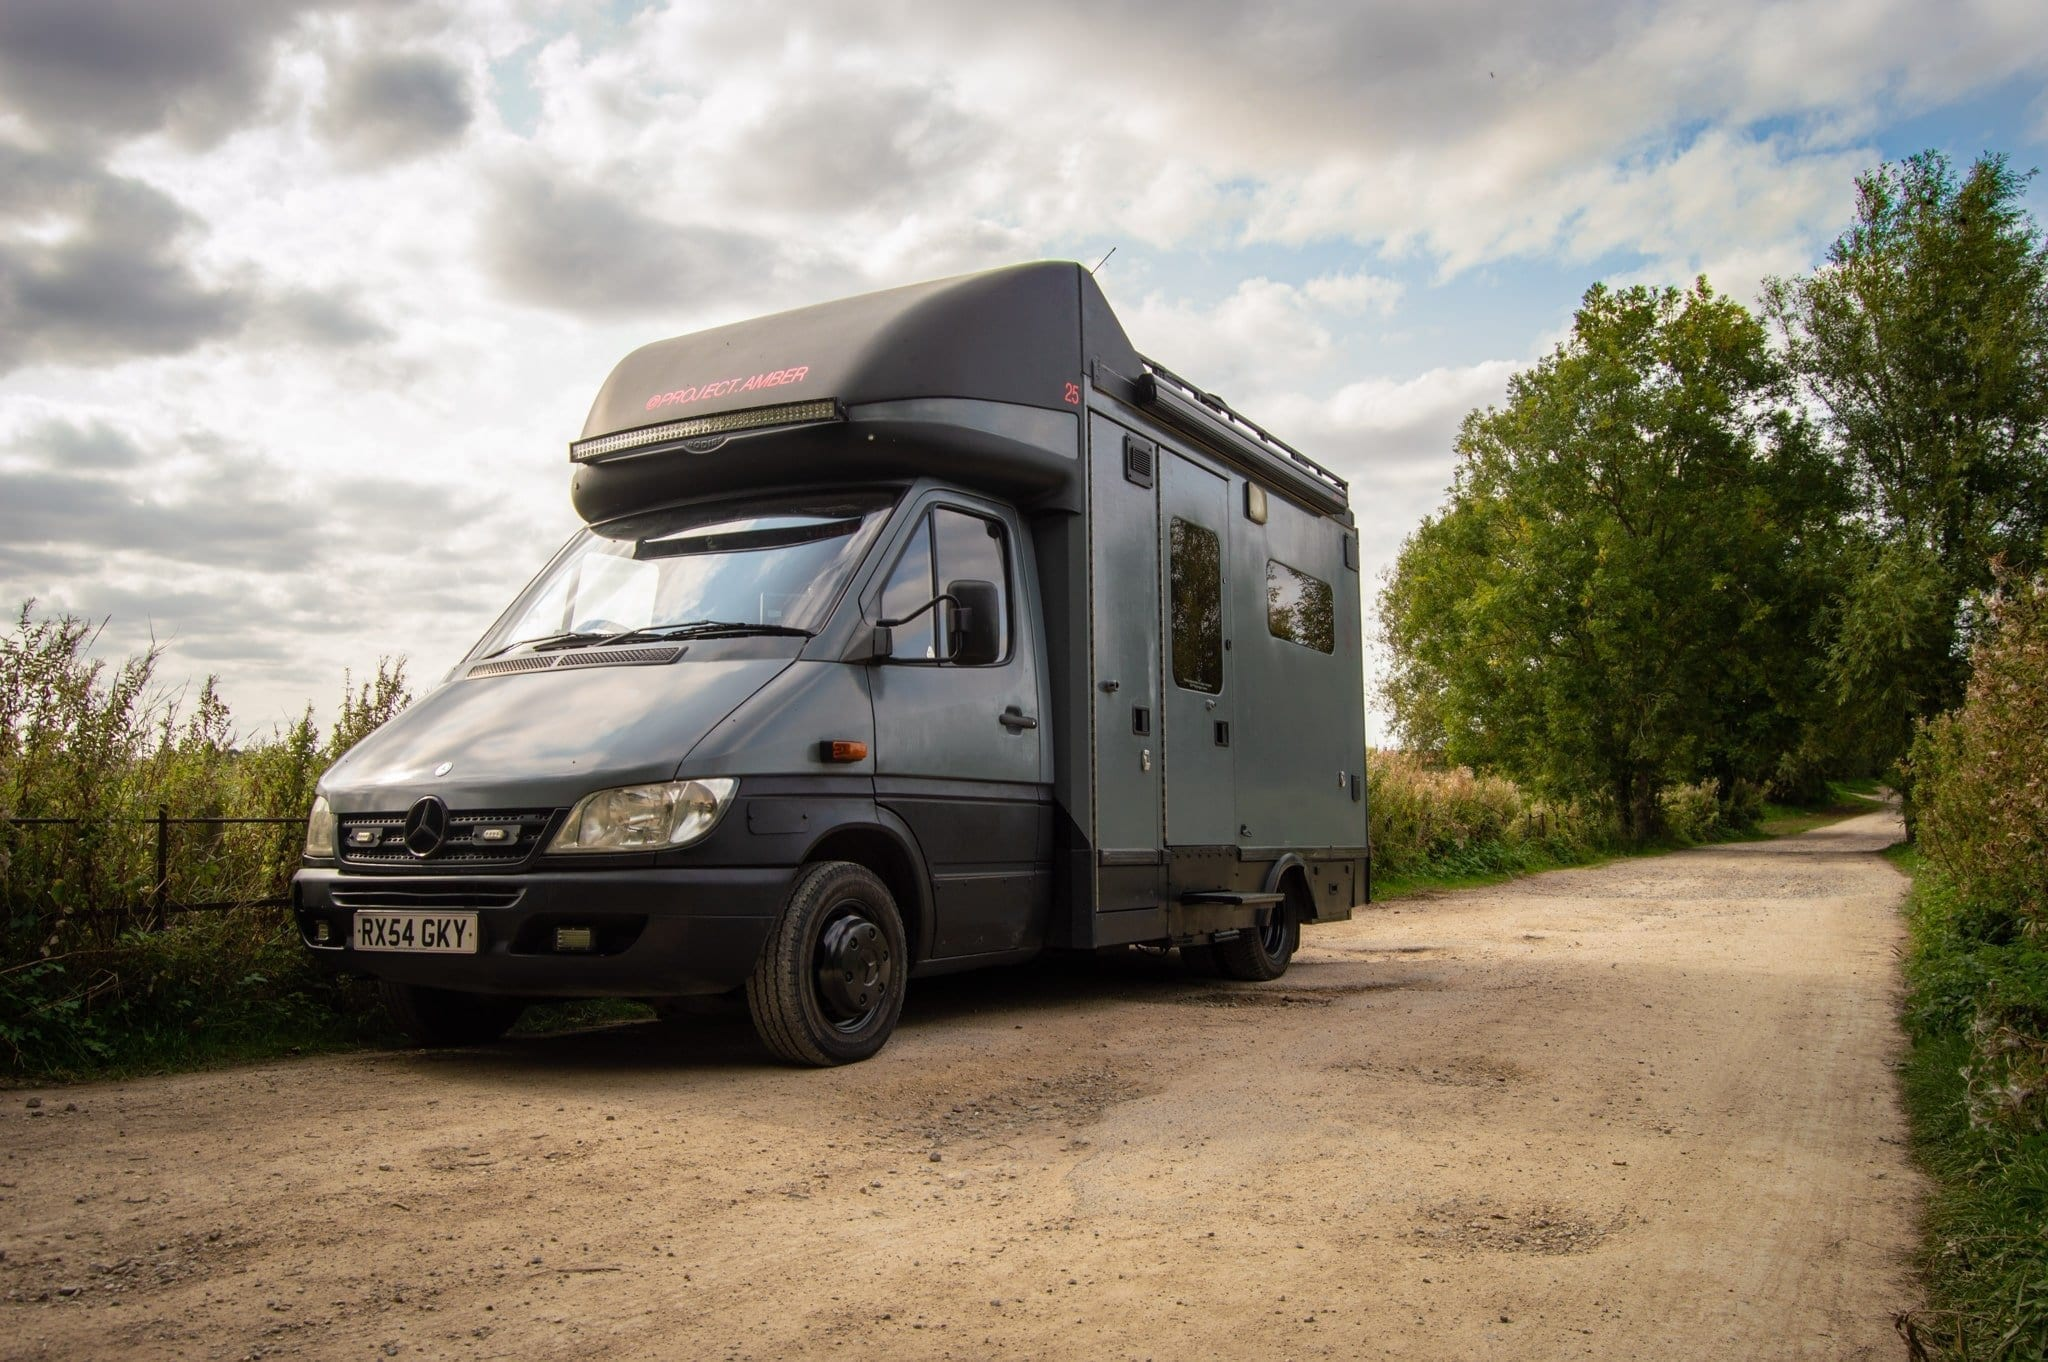 Mercedes-Benz-Sprinter-Ambulanz- Aufbau-vanlife-van-conversion-kaufen-1-min